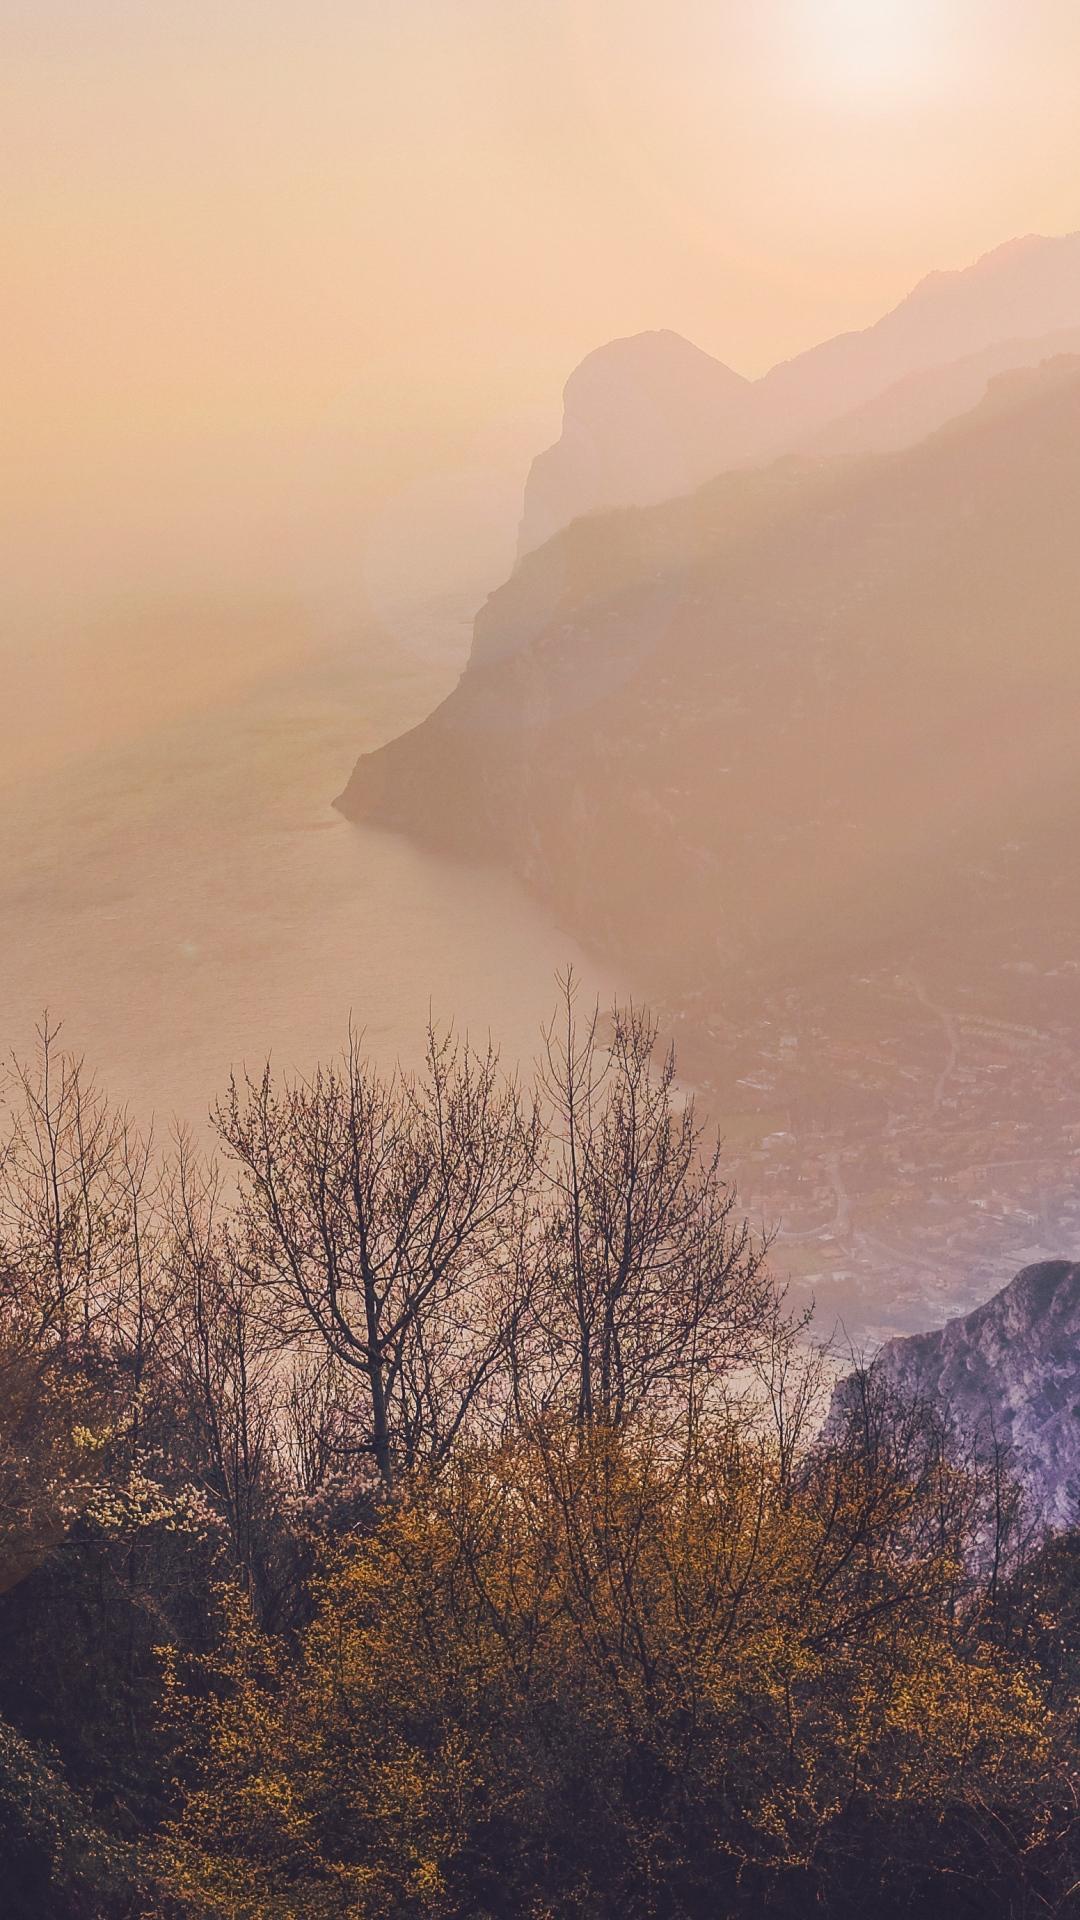 iphone wallpaper trees sea mountains fog 3Wallpapers : notre sélection de fonds décran du 31/08/2017